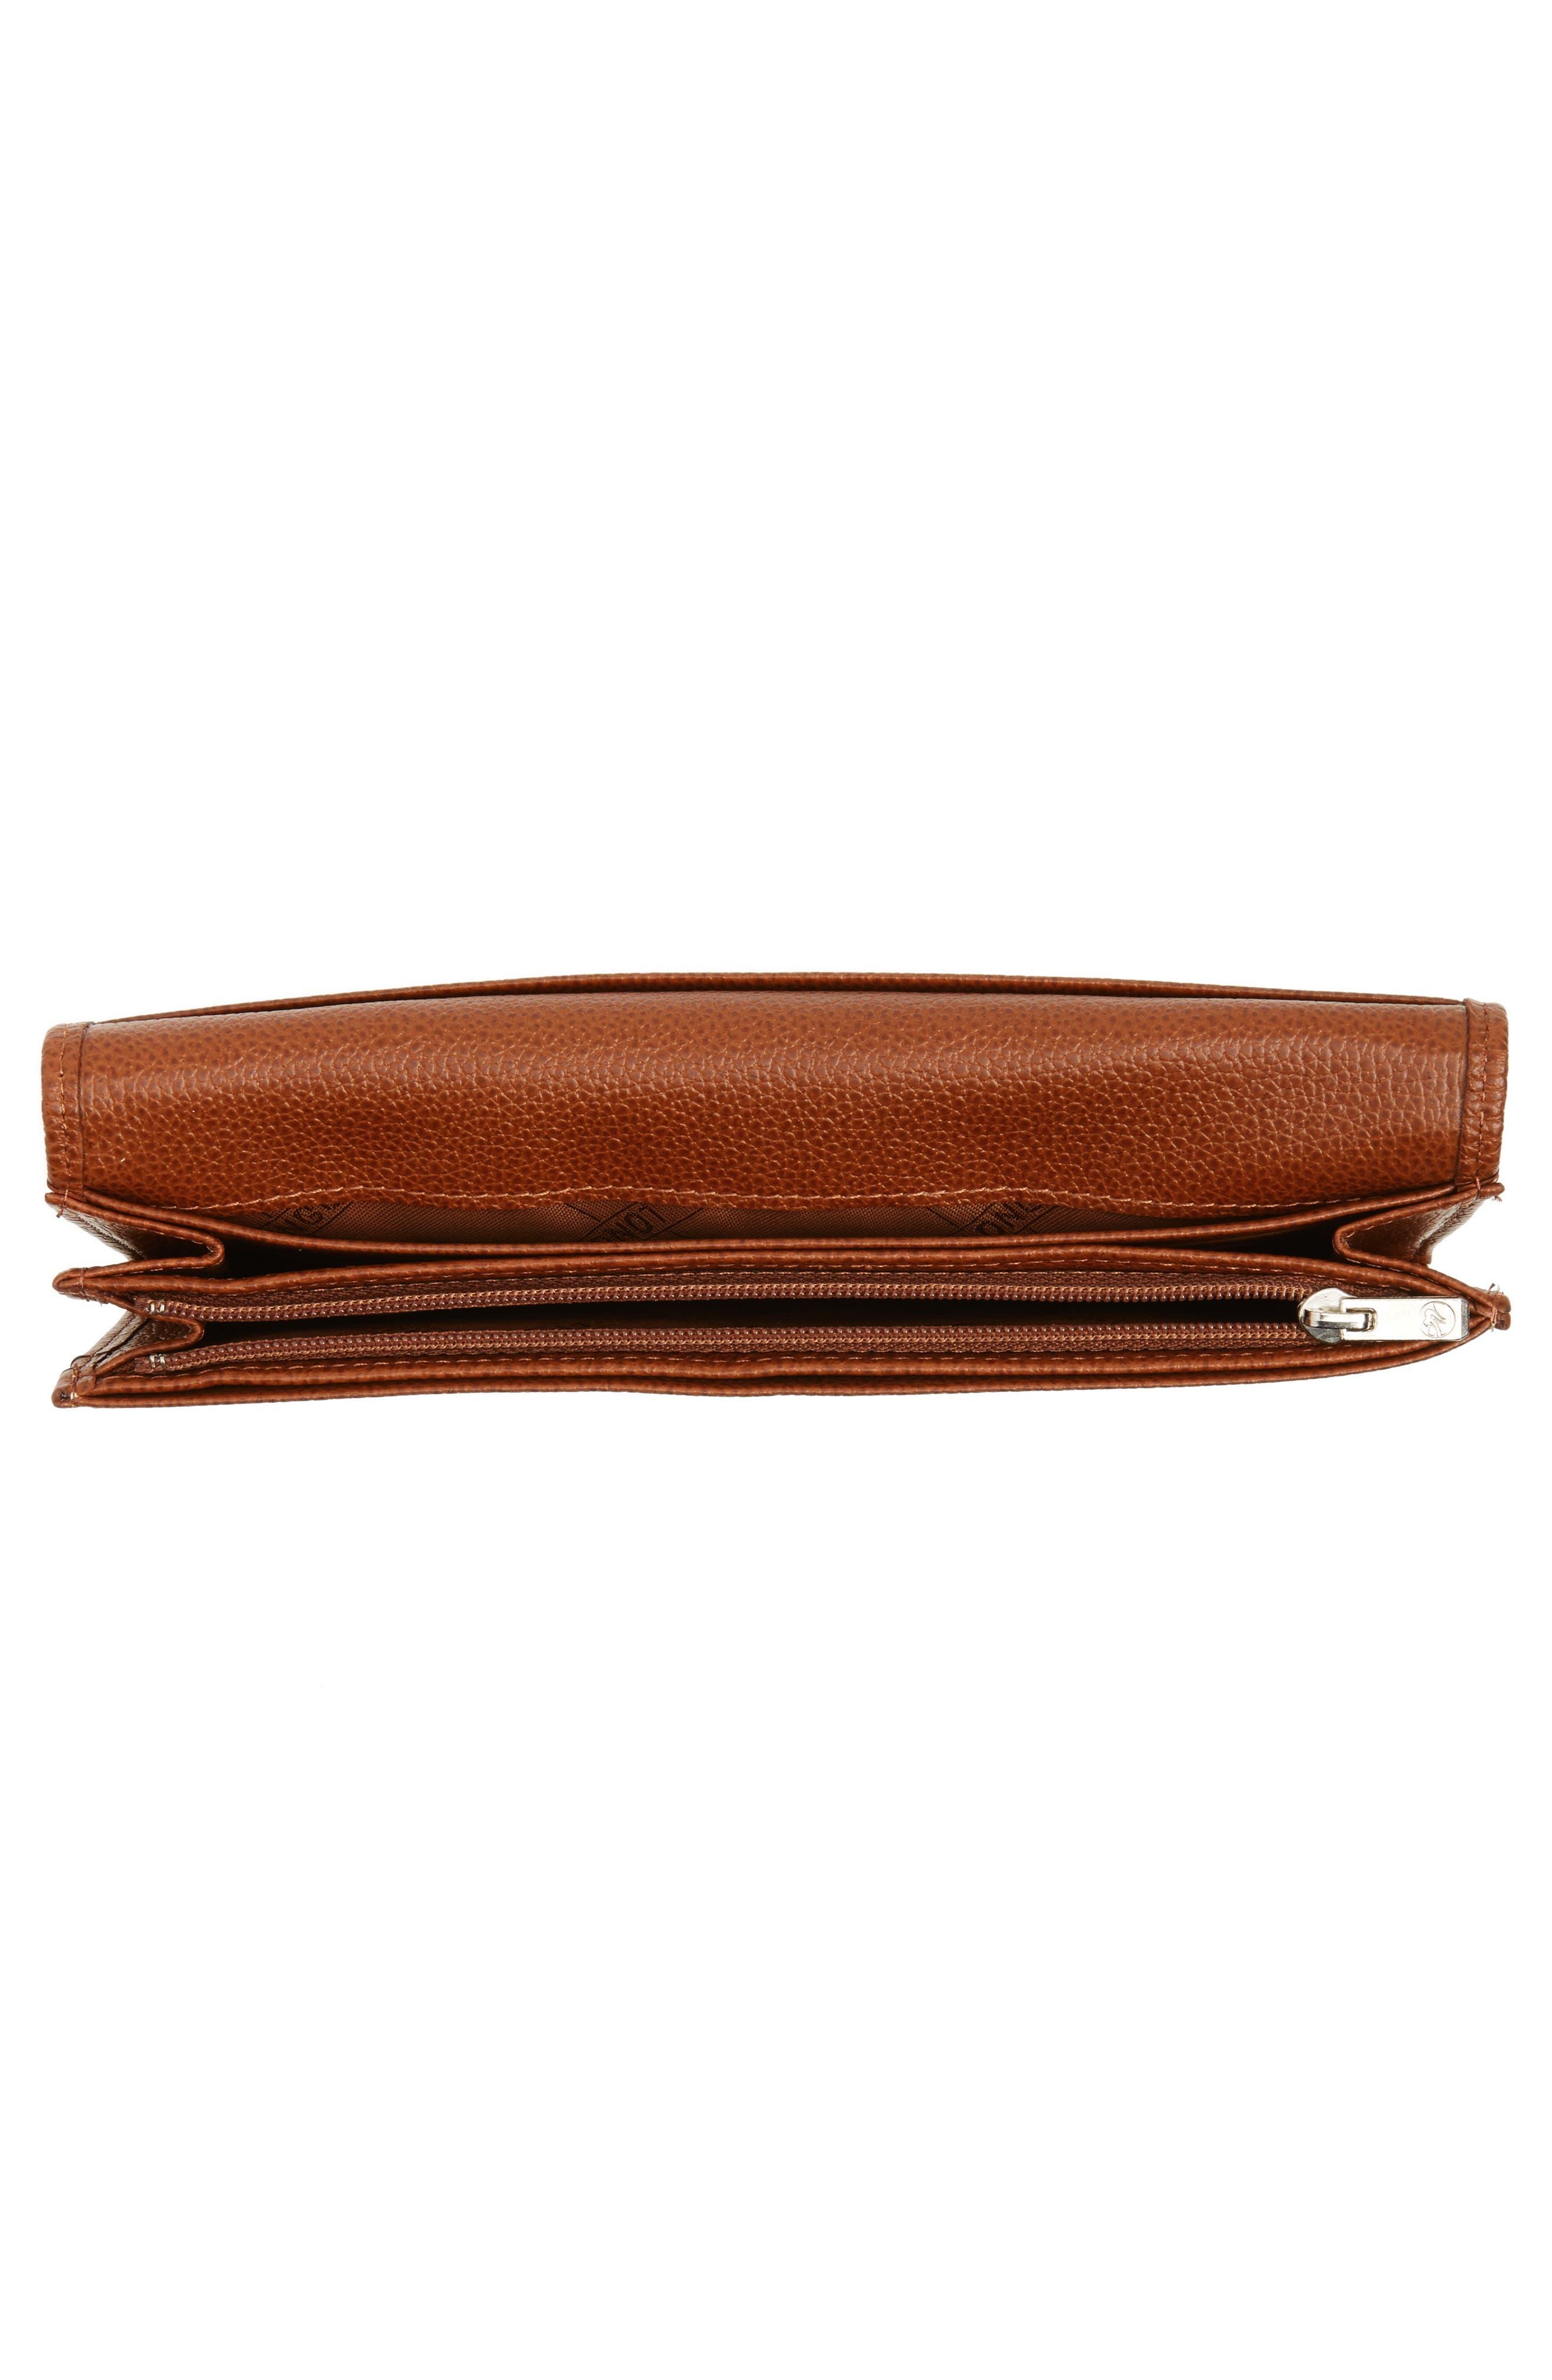 'Veau' Continental Wallet,                             Alternate thumbnail 4, color,                             COGNAC